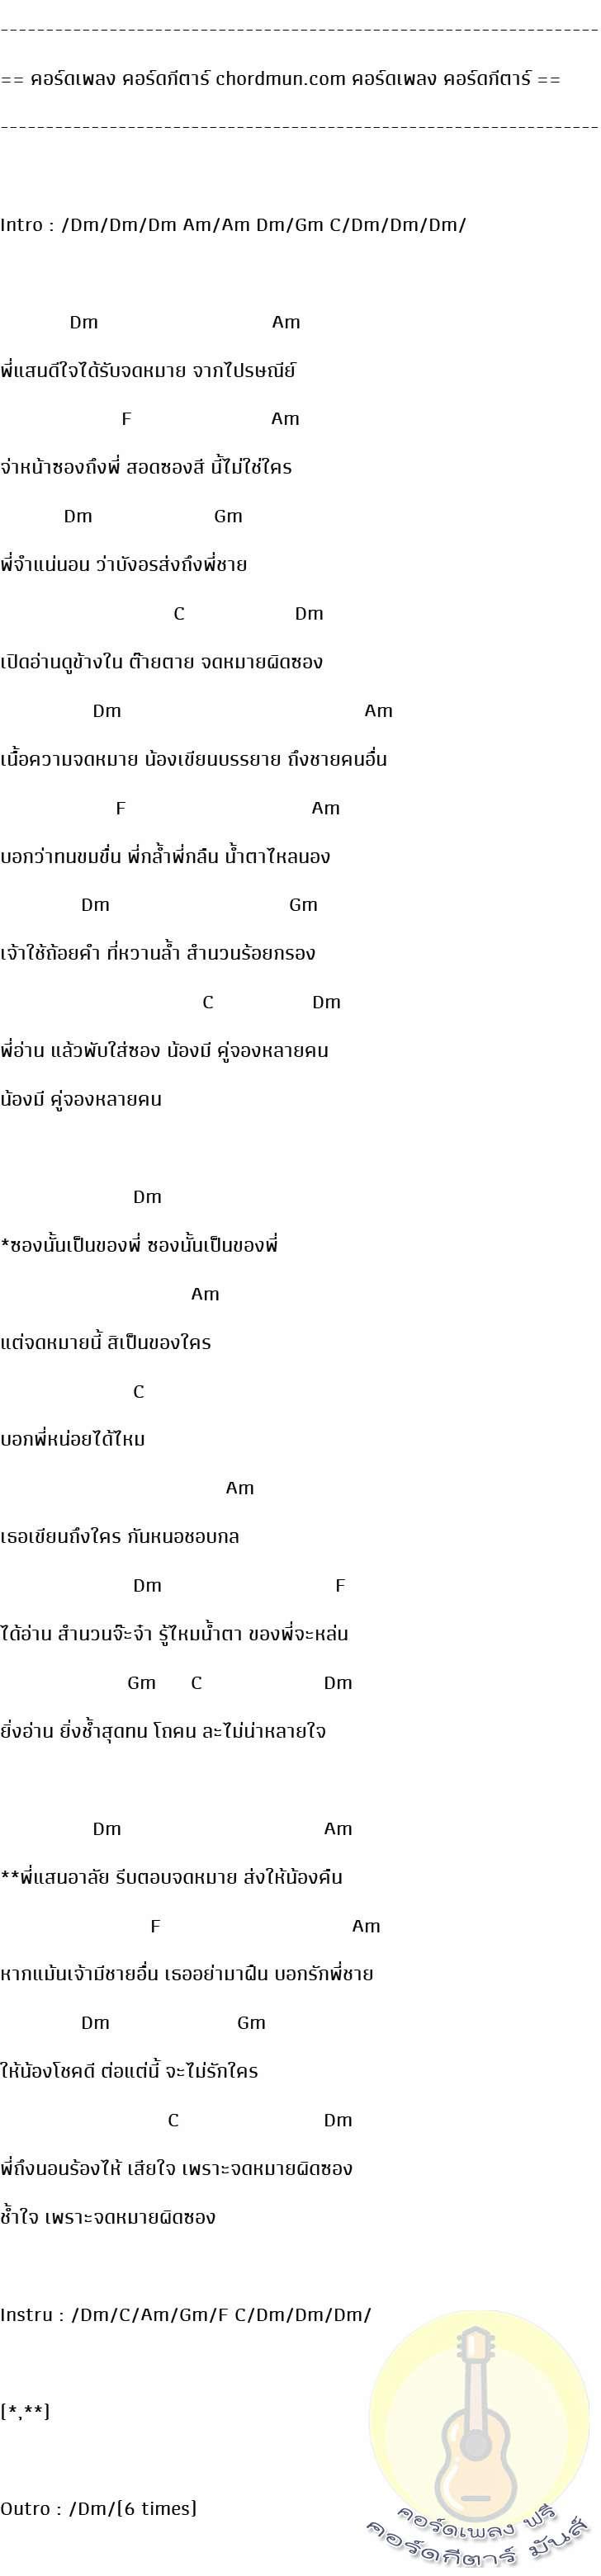 คอร์ดกีต้าร์ง่ายๆ  เพลง จดหมายผิดซอง